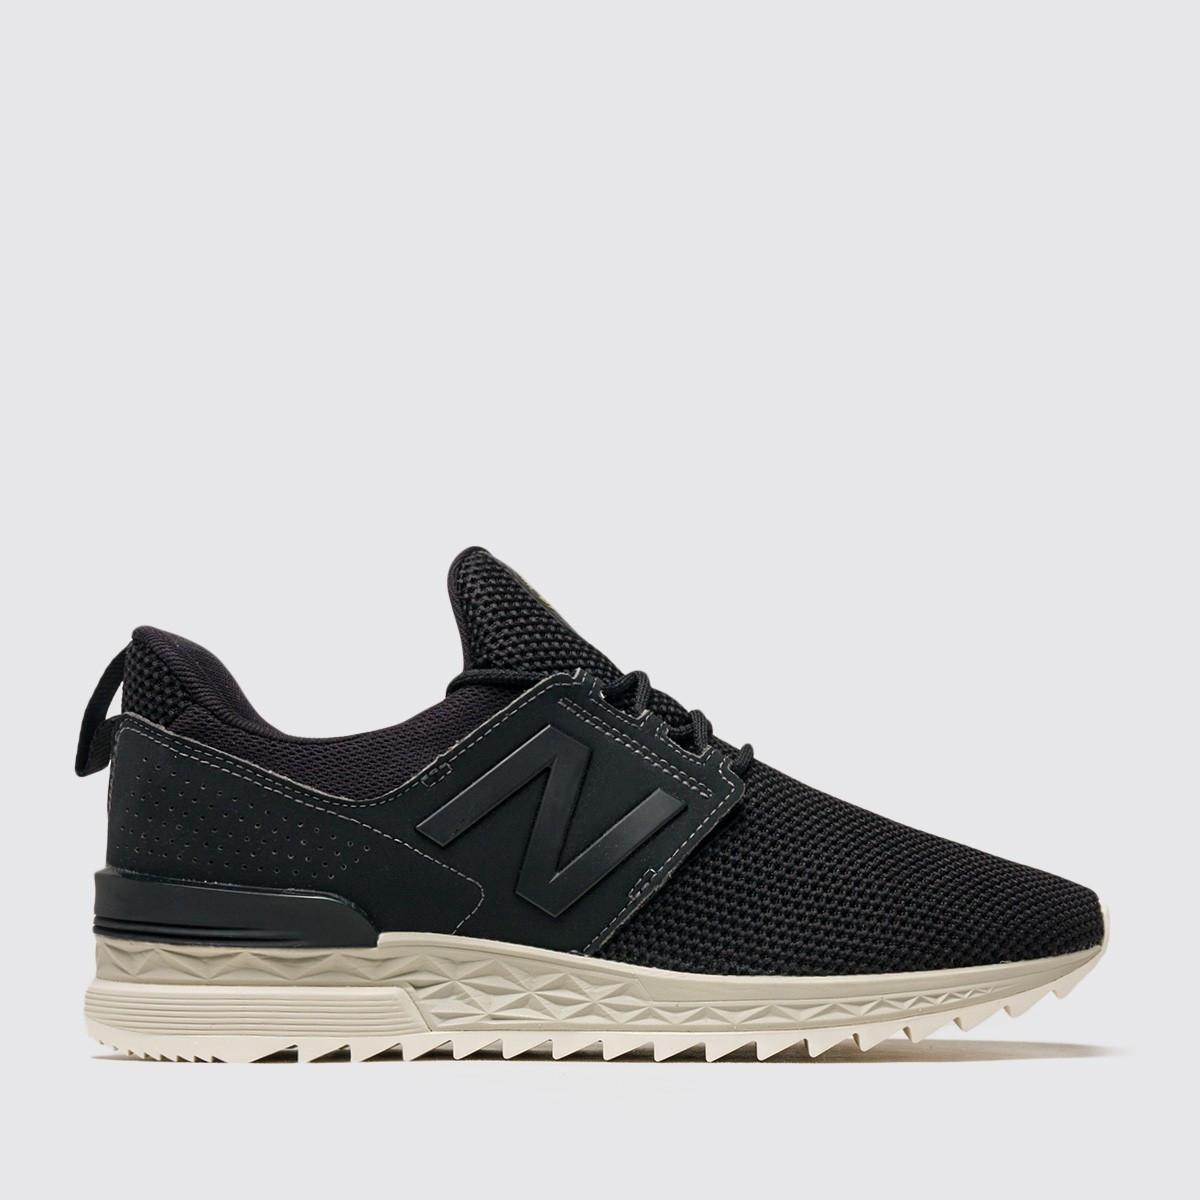 Оригинальные черные мужские кроссовки New Balance 574 Sport MS574DUK